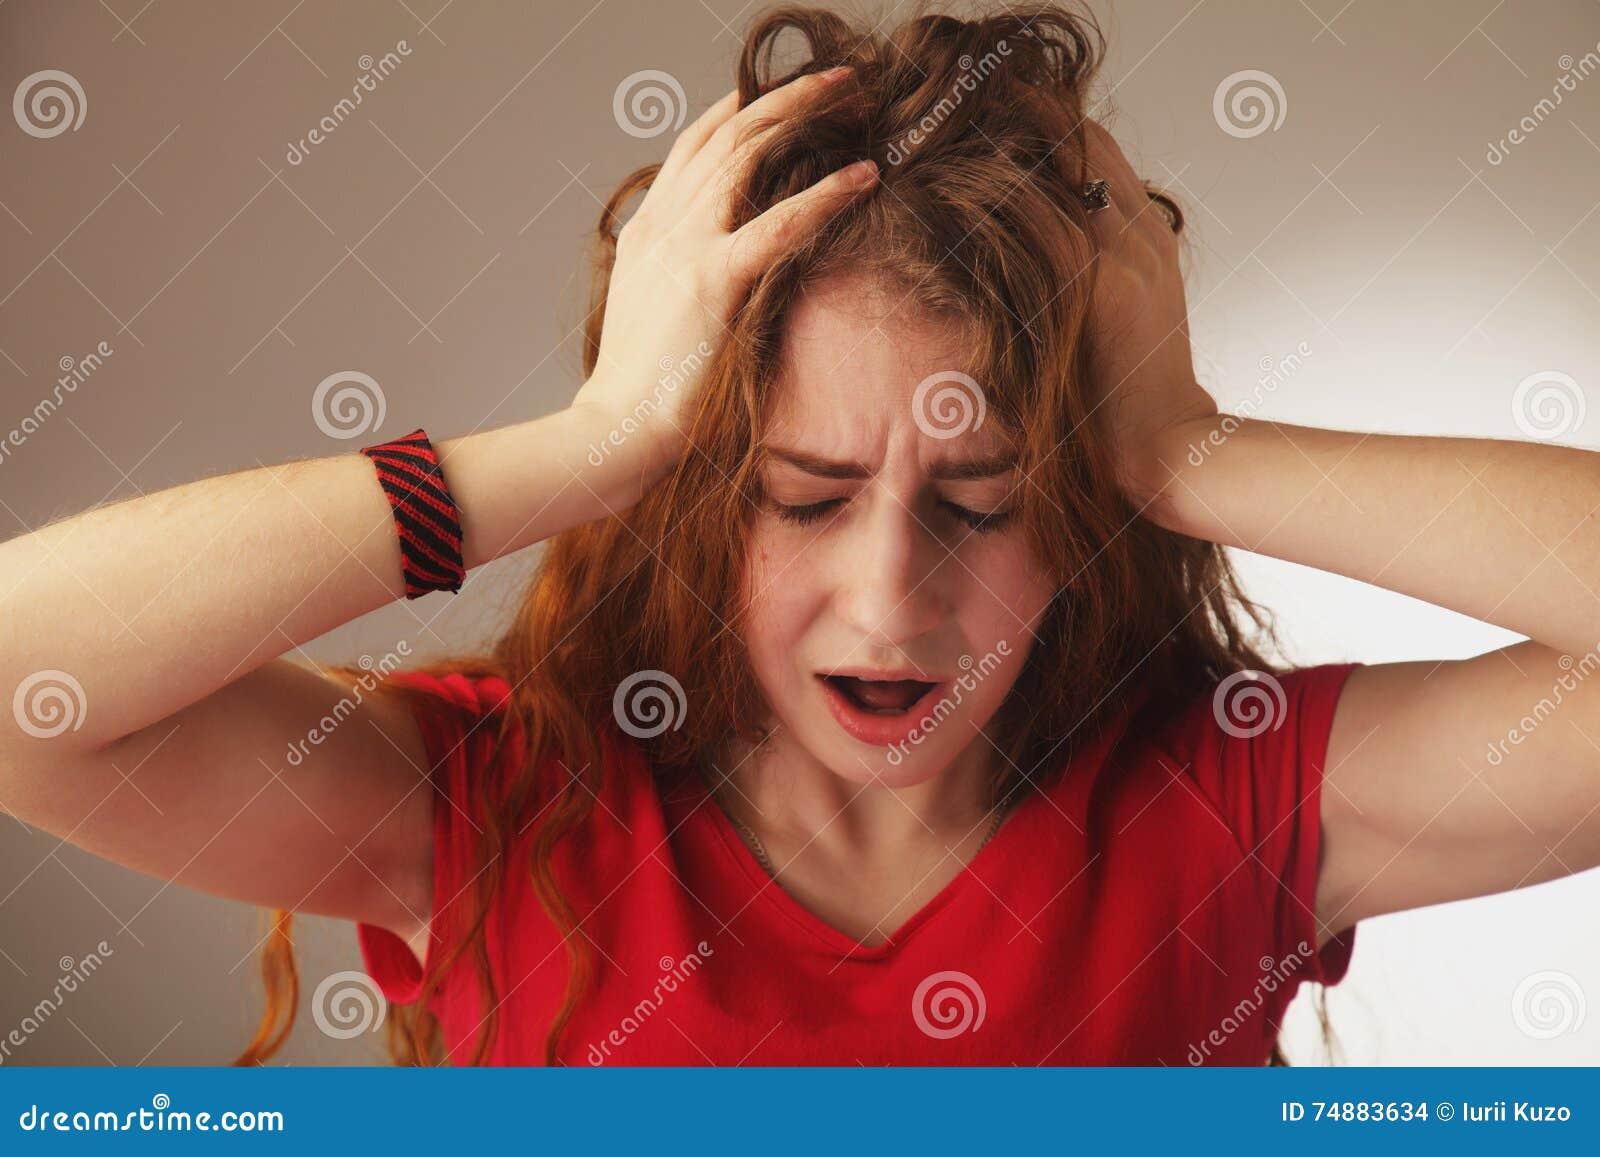 Linguagem corporal cansado, esgotada e frustrada da mulher, gestos